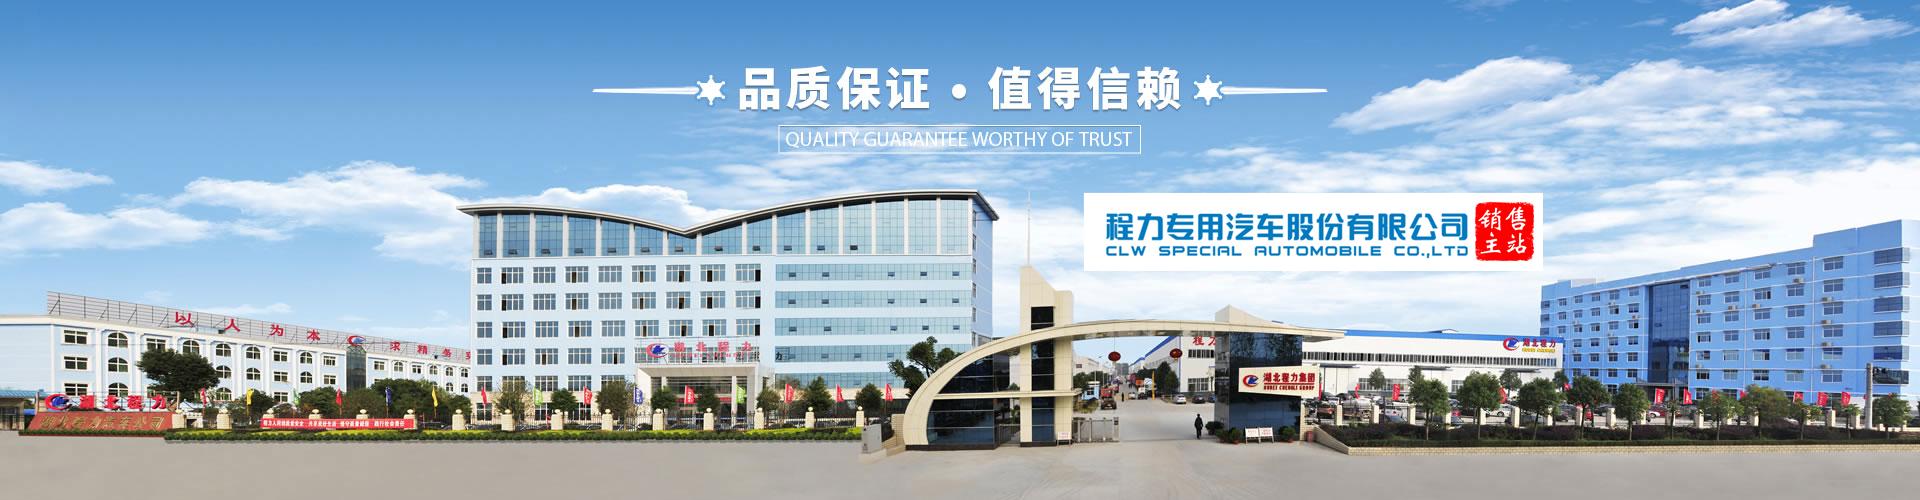 http://www.zhongqinauto.com/data/images/slide/20190920154504_377.jpg